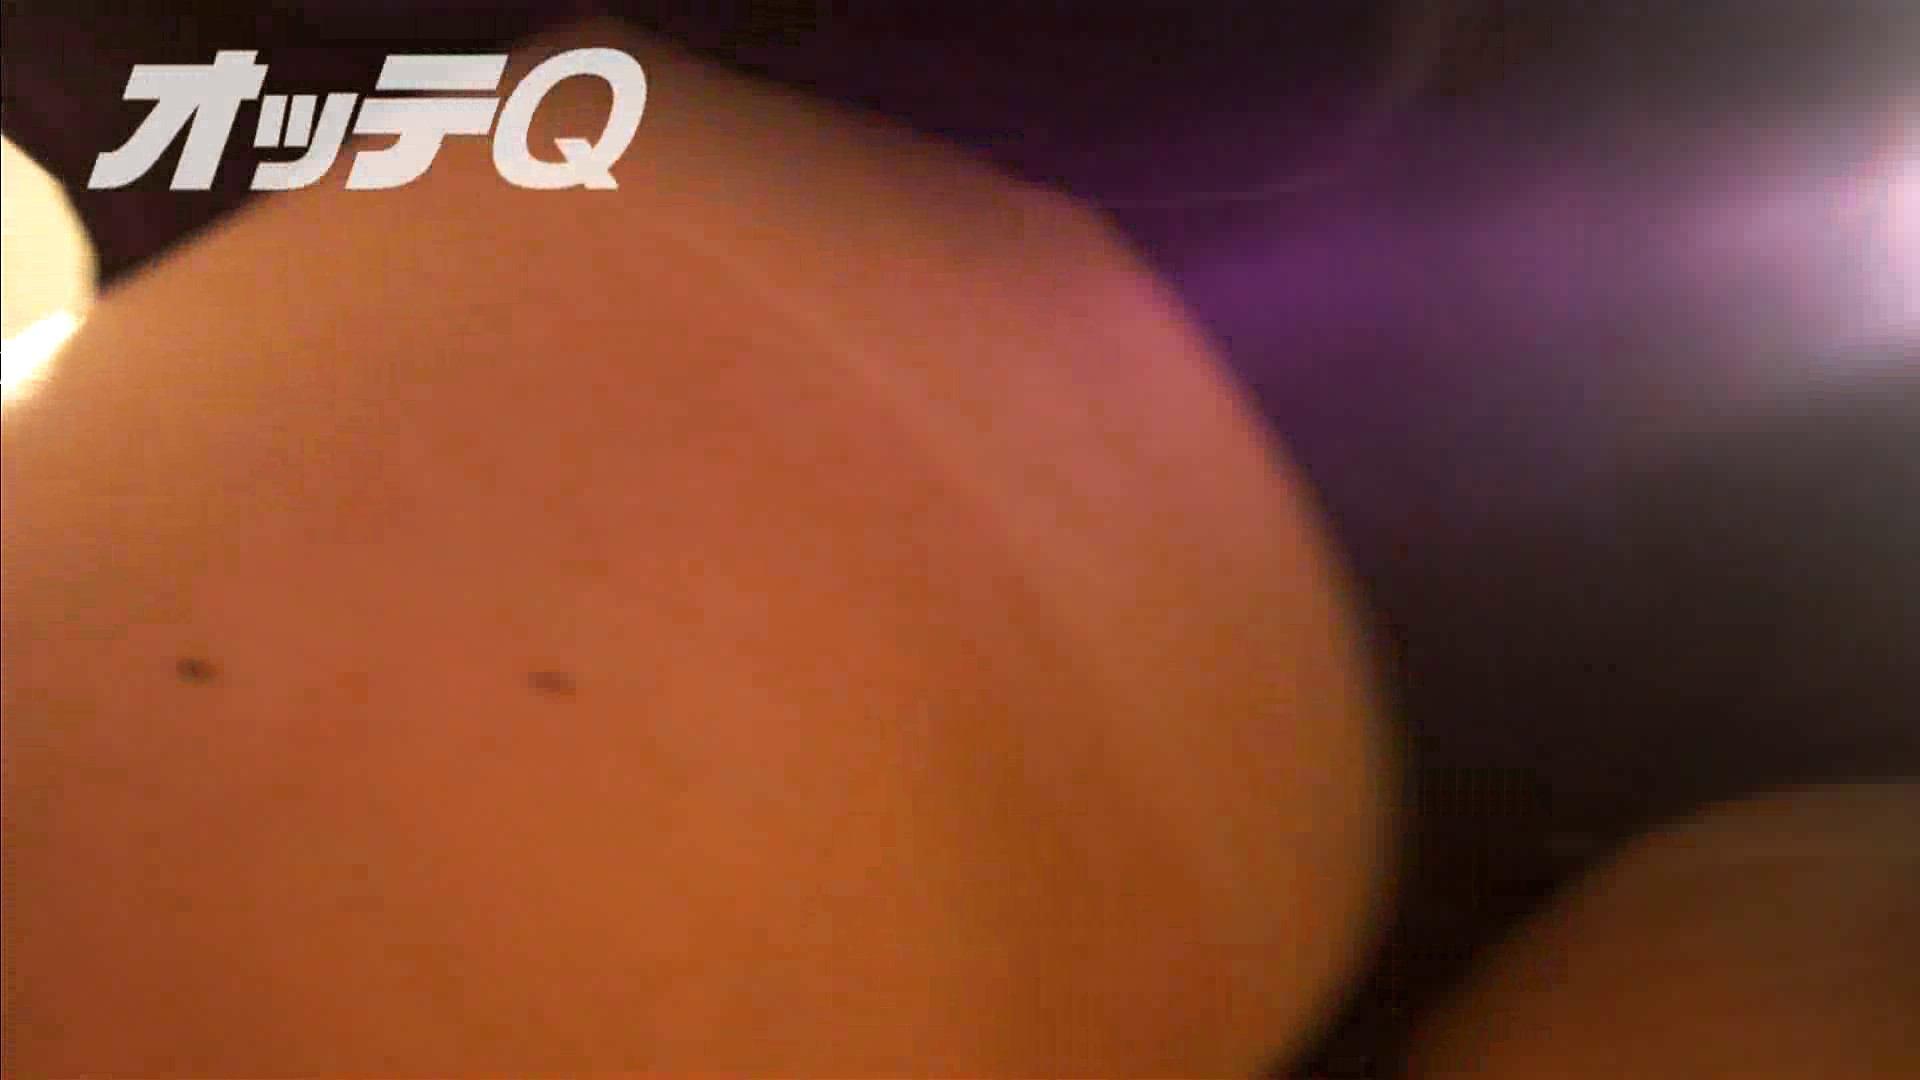 ハイビジョンパンチラ オッテQさんの追跡パンチラデパート編VOL.06 パンチラ盗撮 われめAV動画紹介 78枚 59